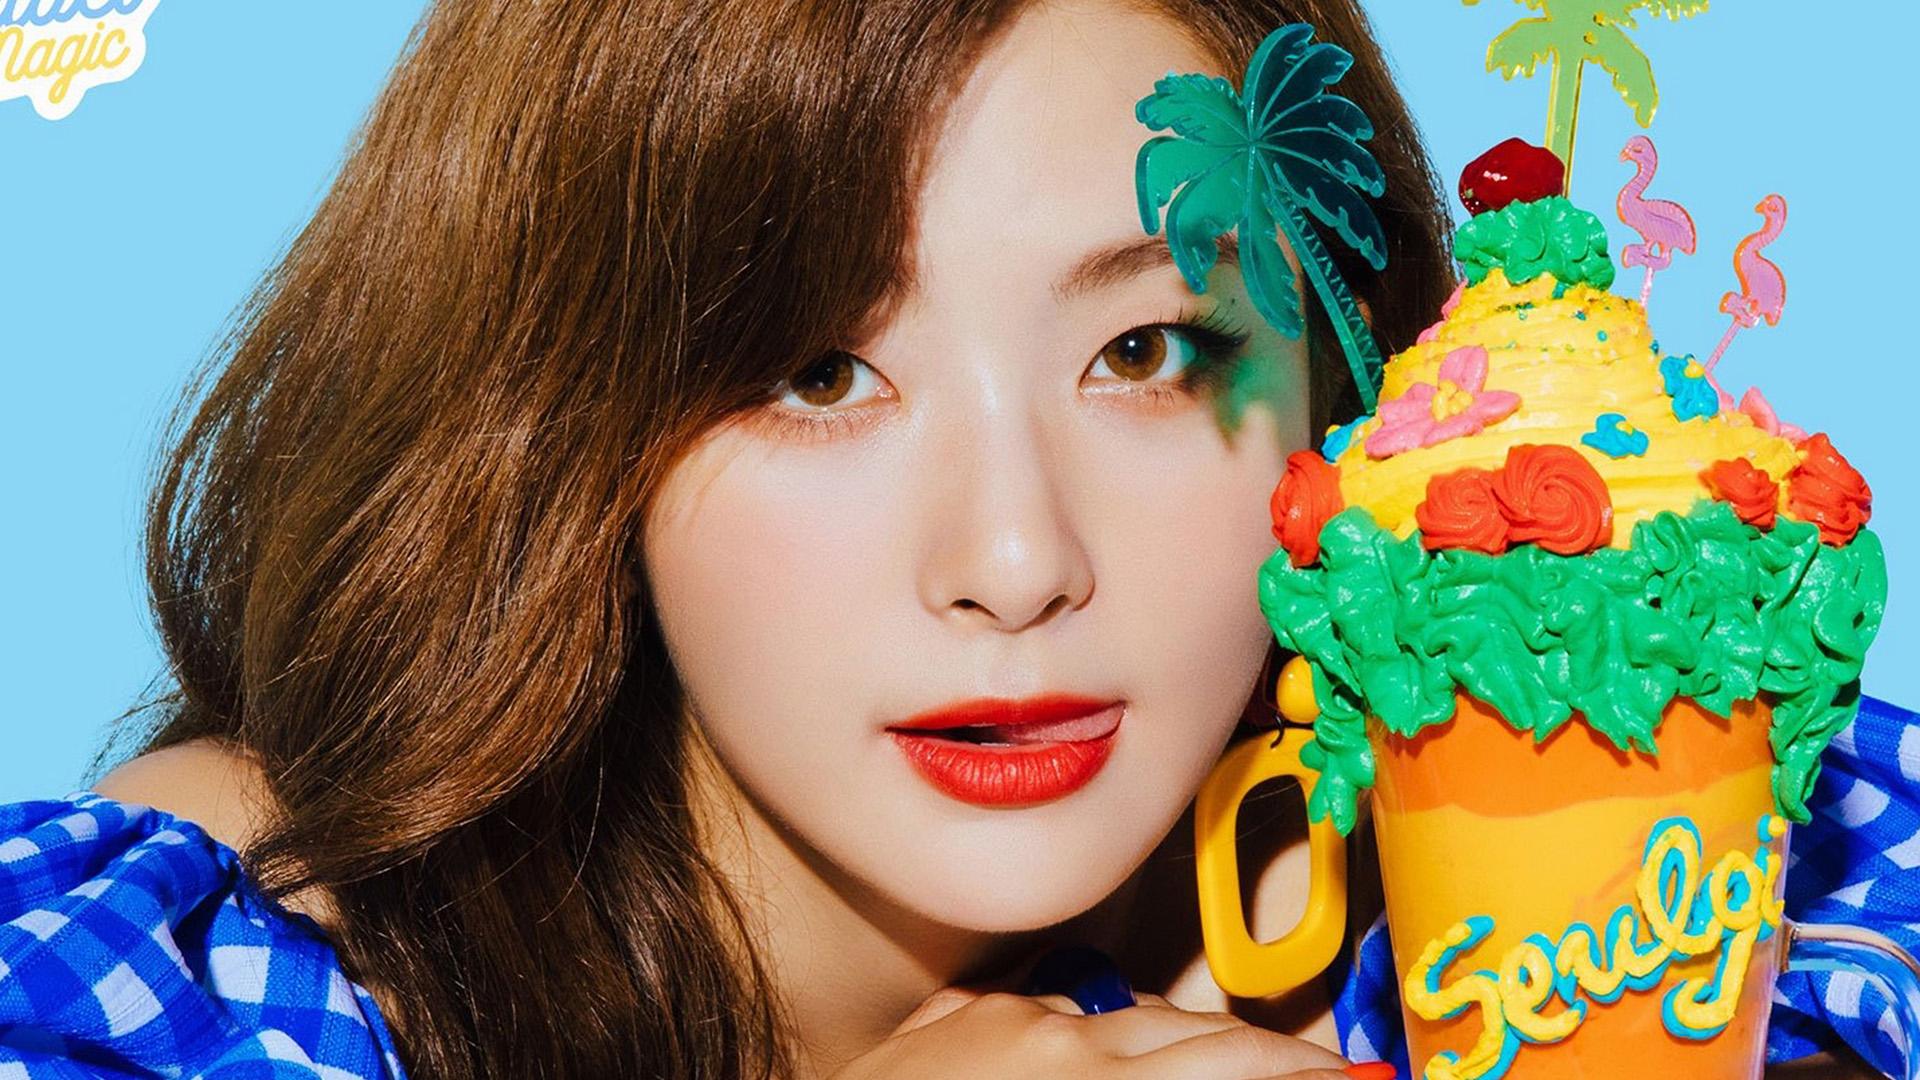 Iphone Wallpaper Car Girl Hq81 Girl Kpop Asian Redvelvet Seulgi Wallpaper